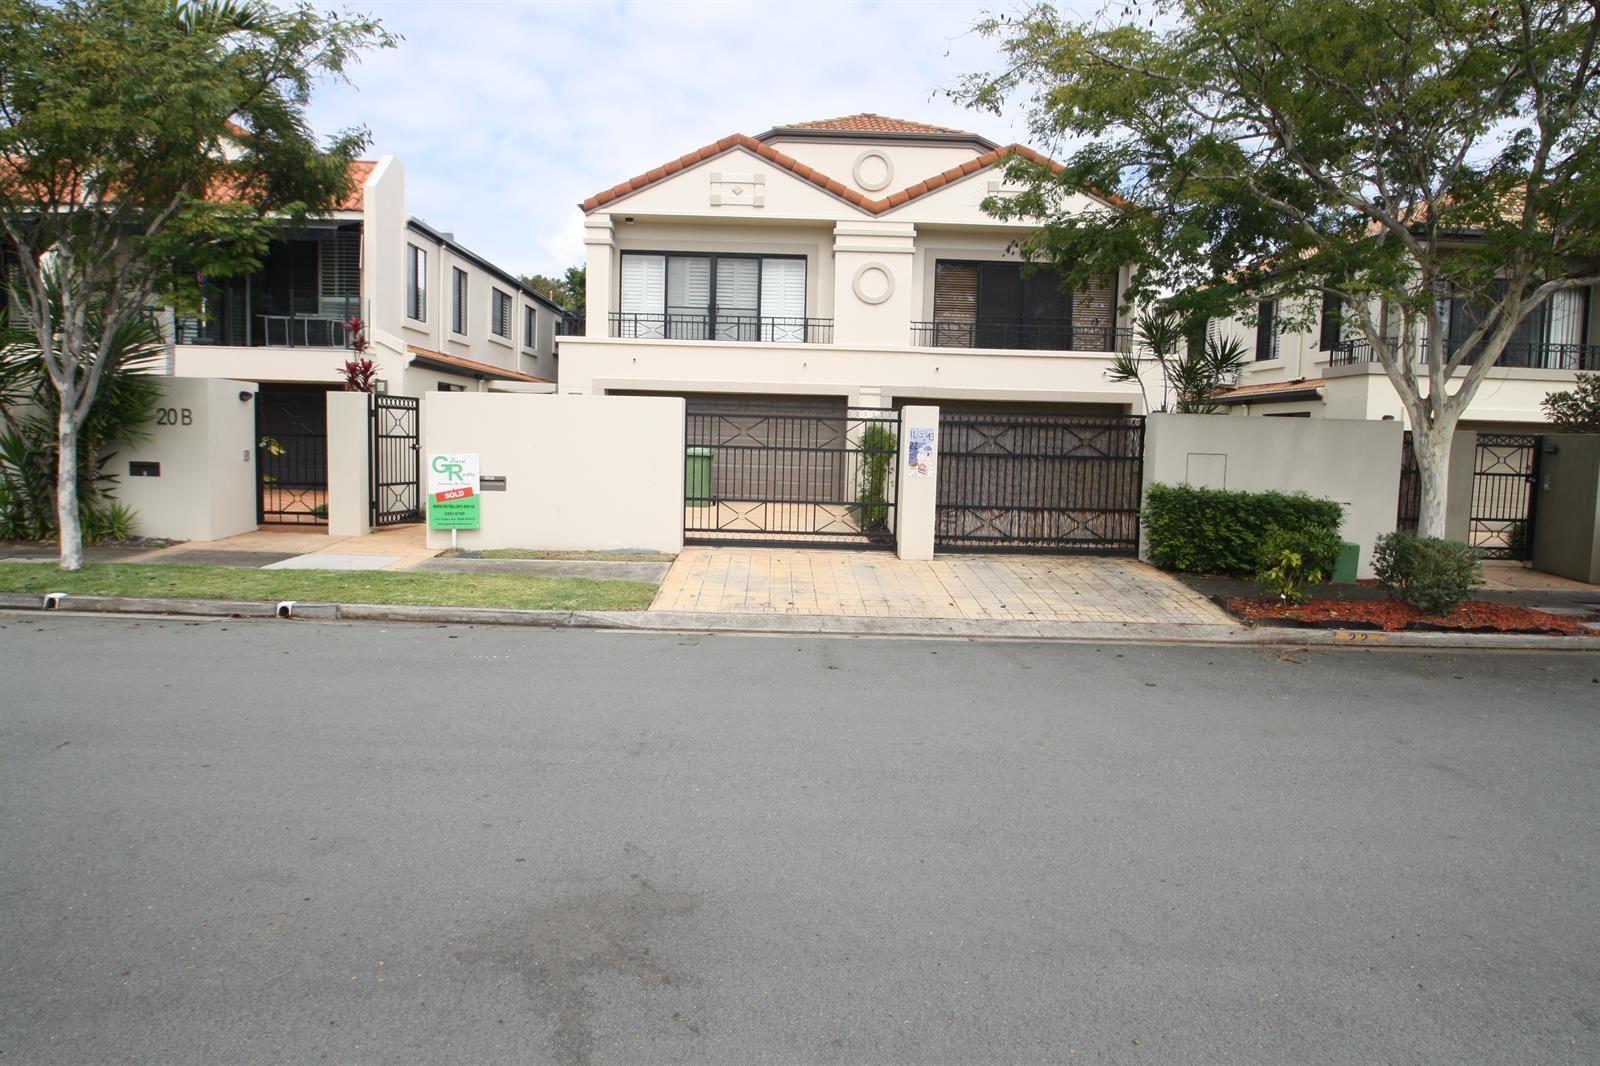 2/22 Lennie Avenue, Main Beach QLD 4217, Image 0